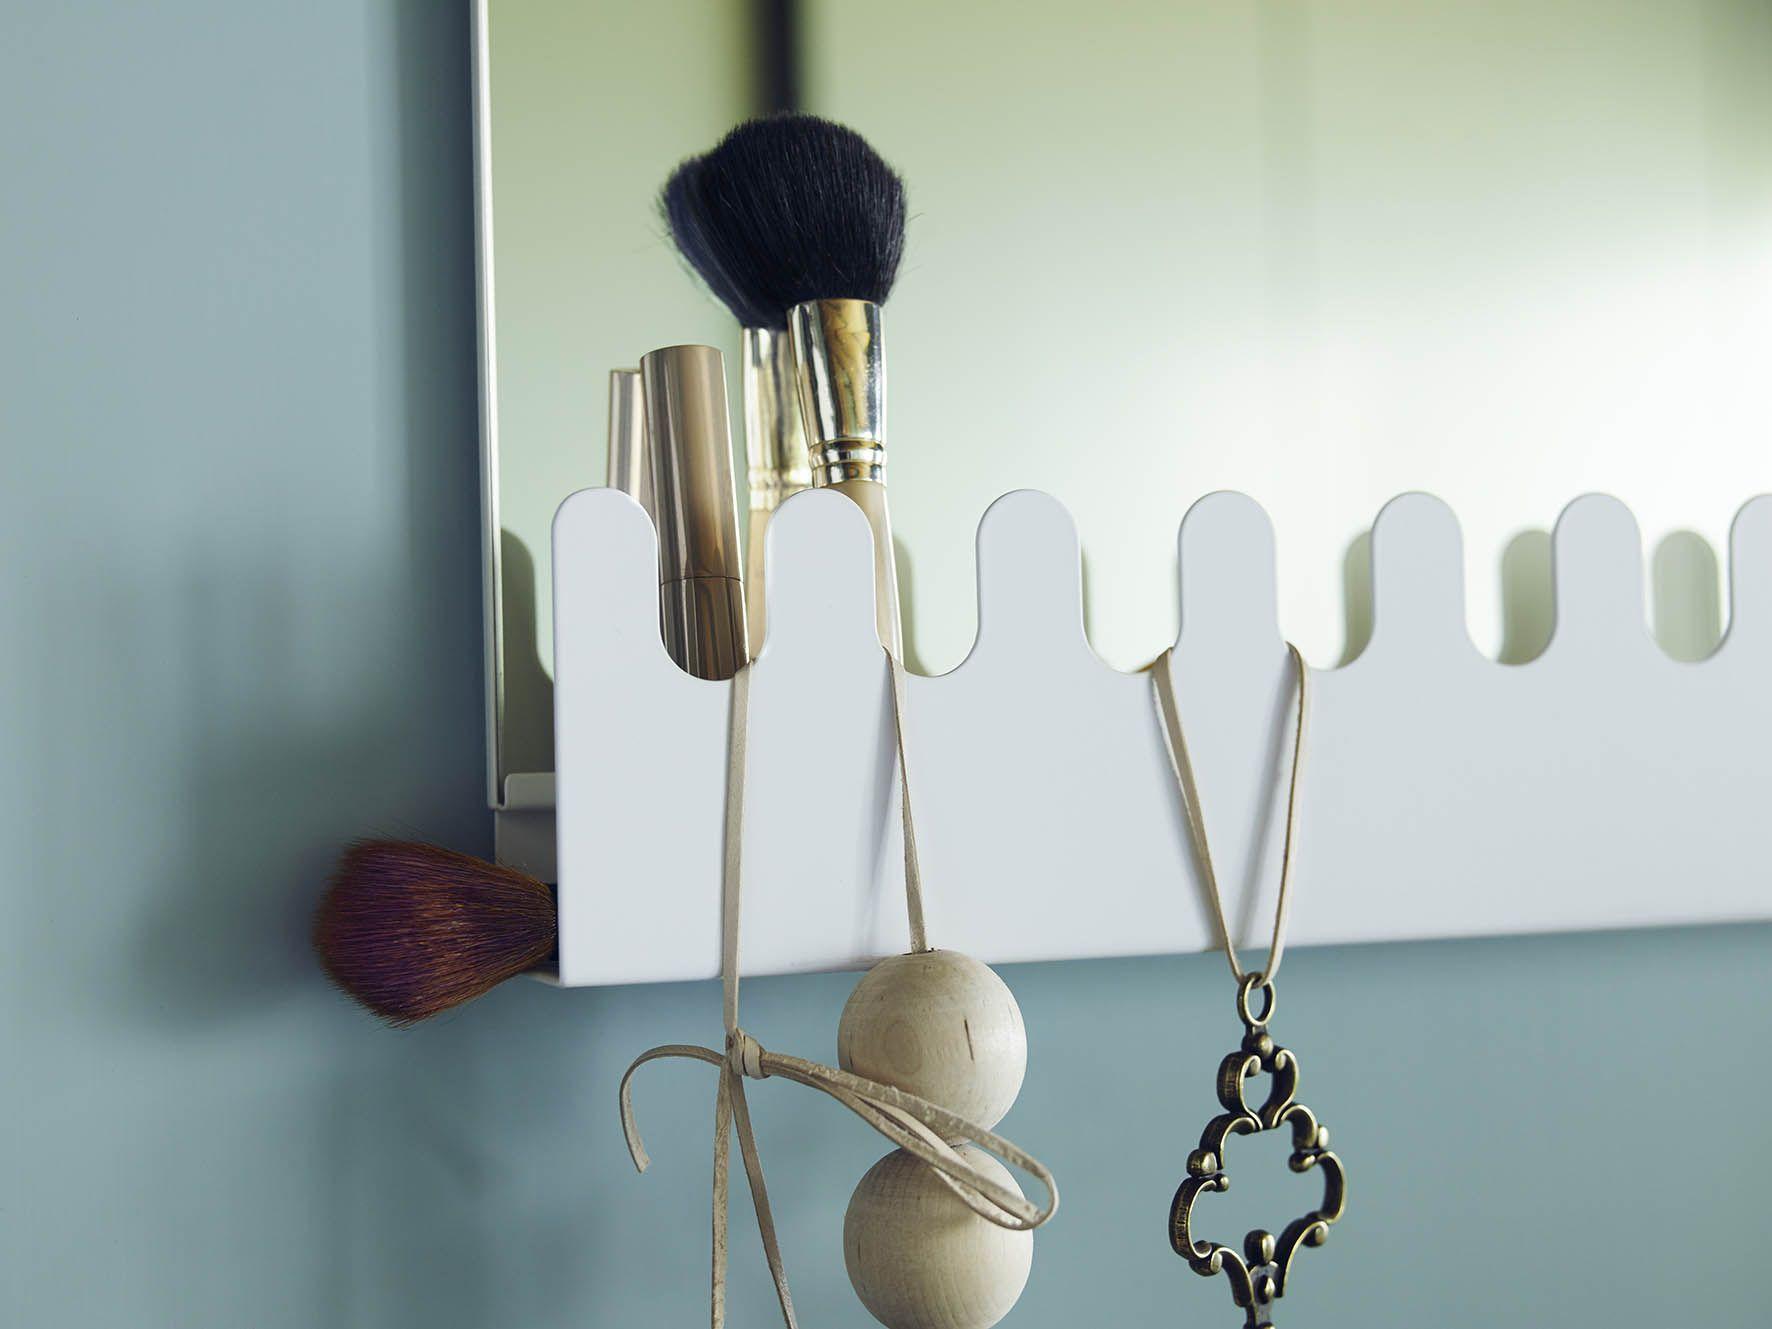 garnes deurspiegel met haken en plank om aan de deur te hangen wit ikea interior plank and. Black Bedroom Furniture Sets. Home Design Ideas